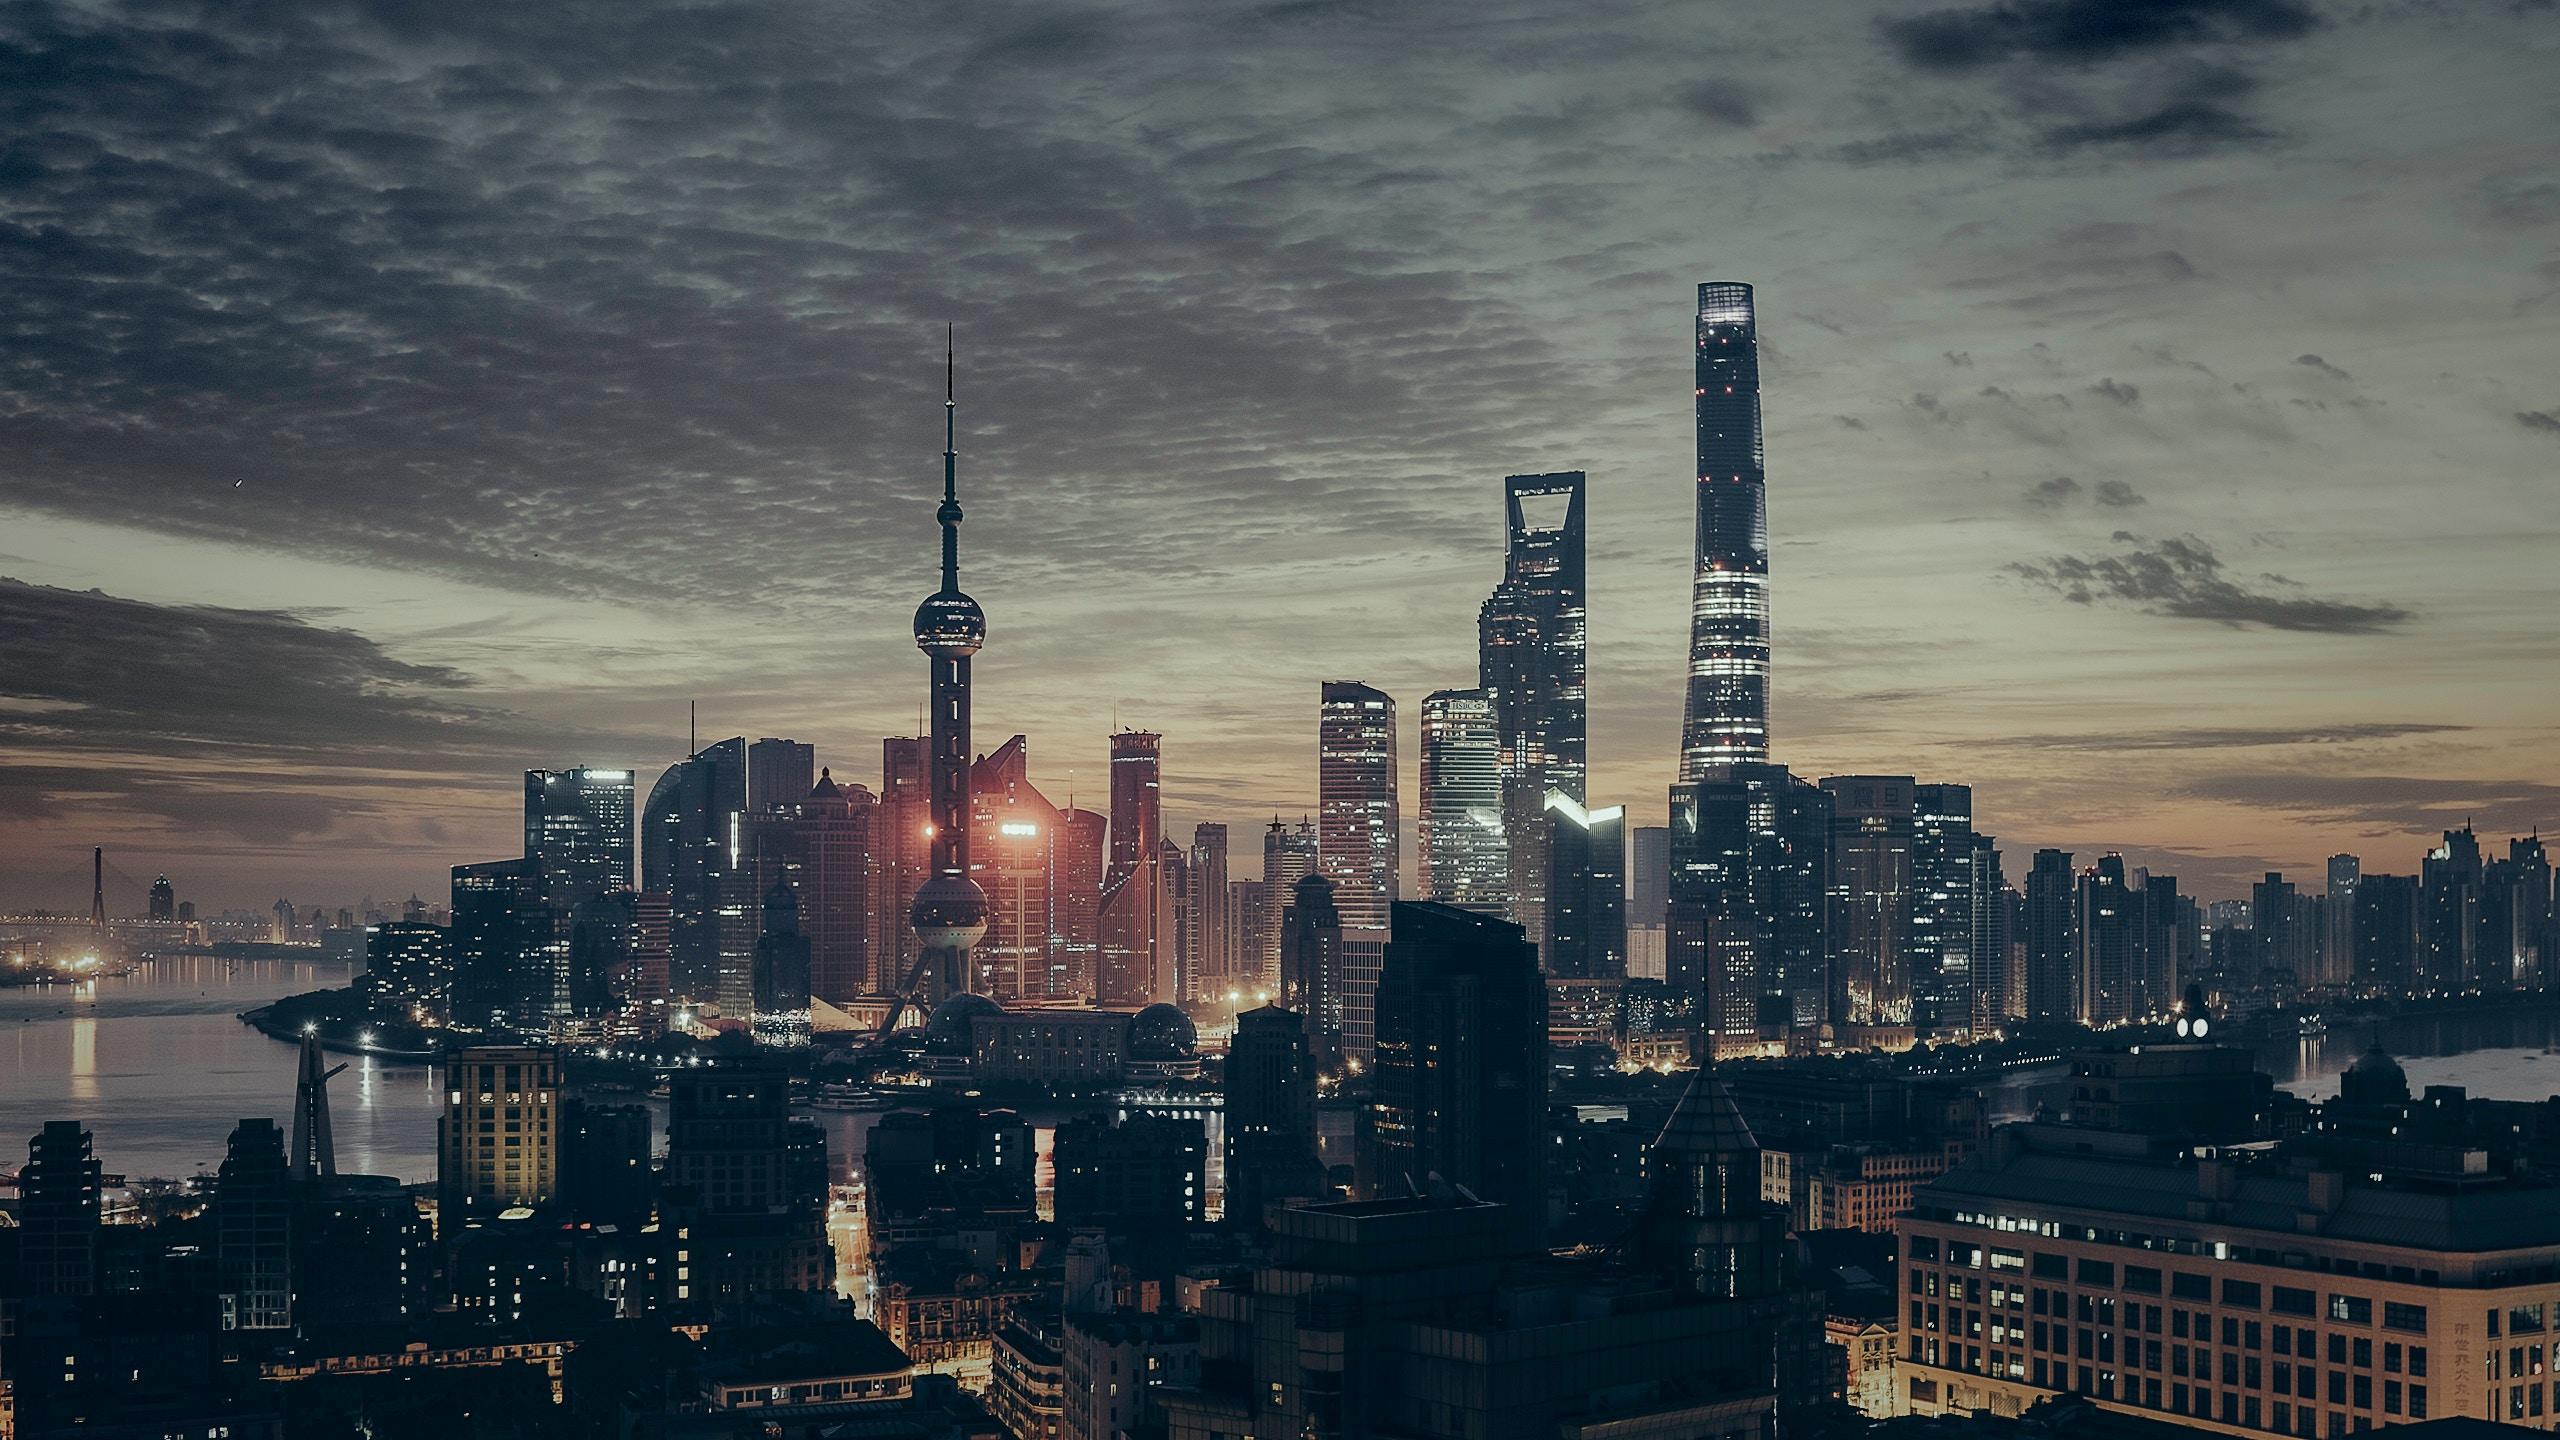 Resultados de Hecho en China 2025. Photo by Adi Constantin